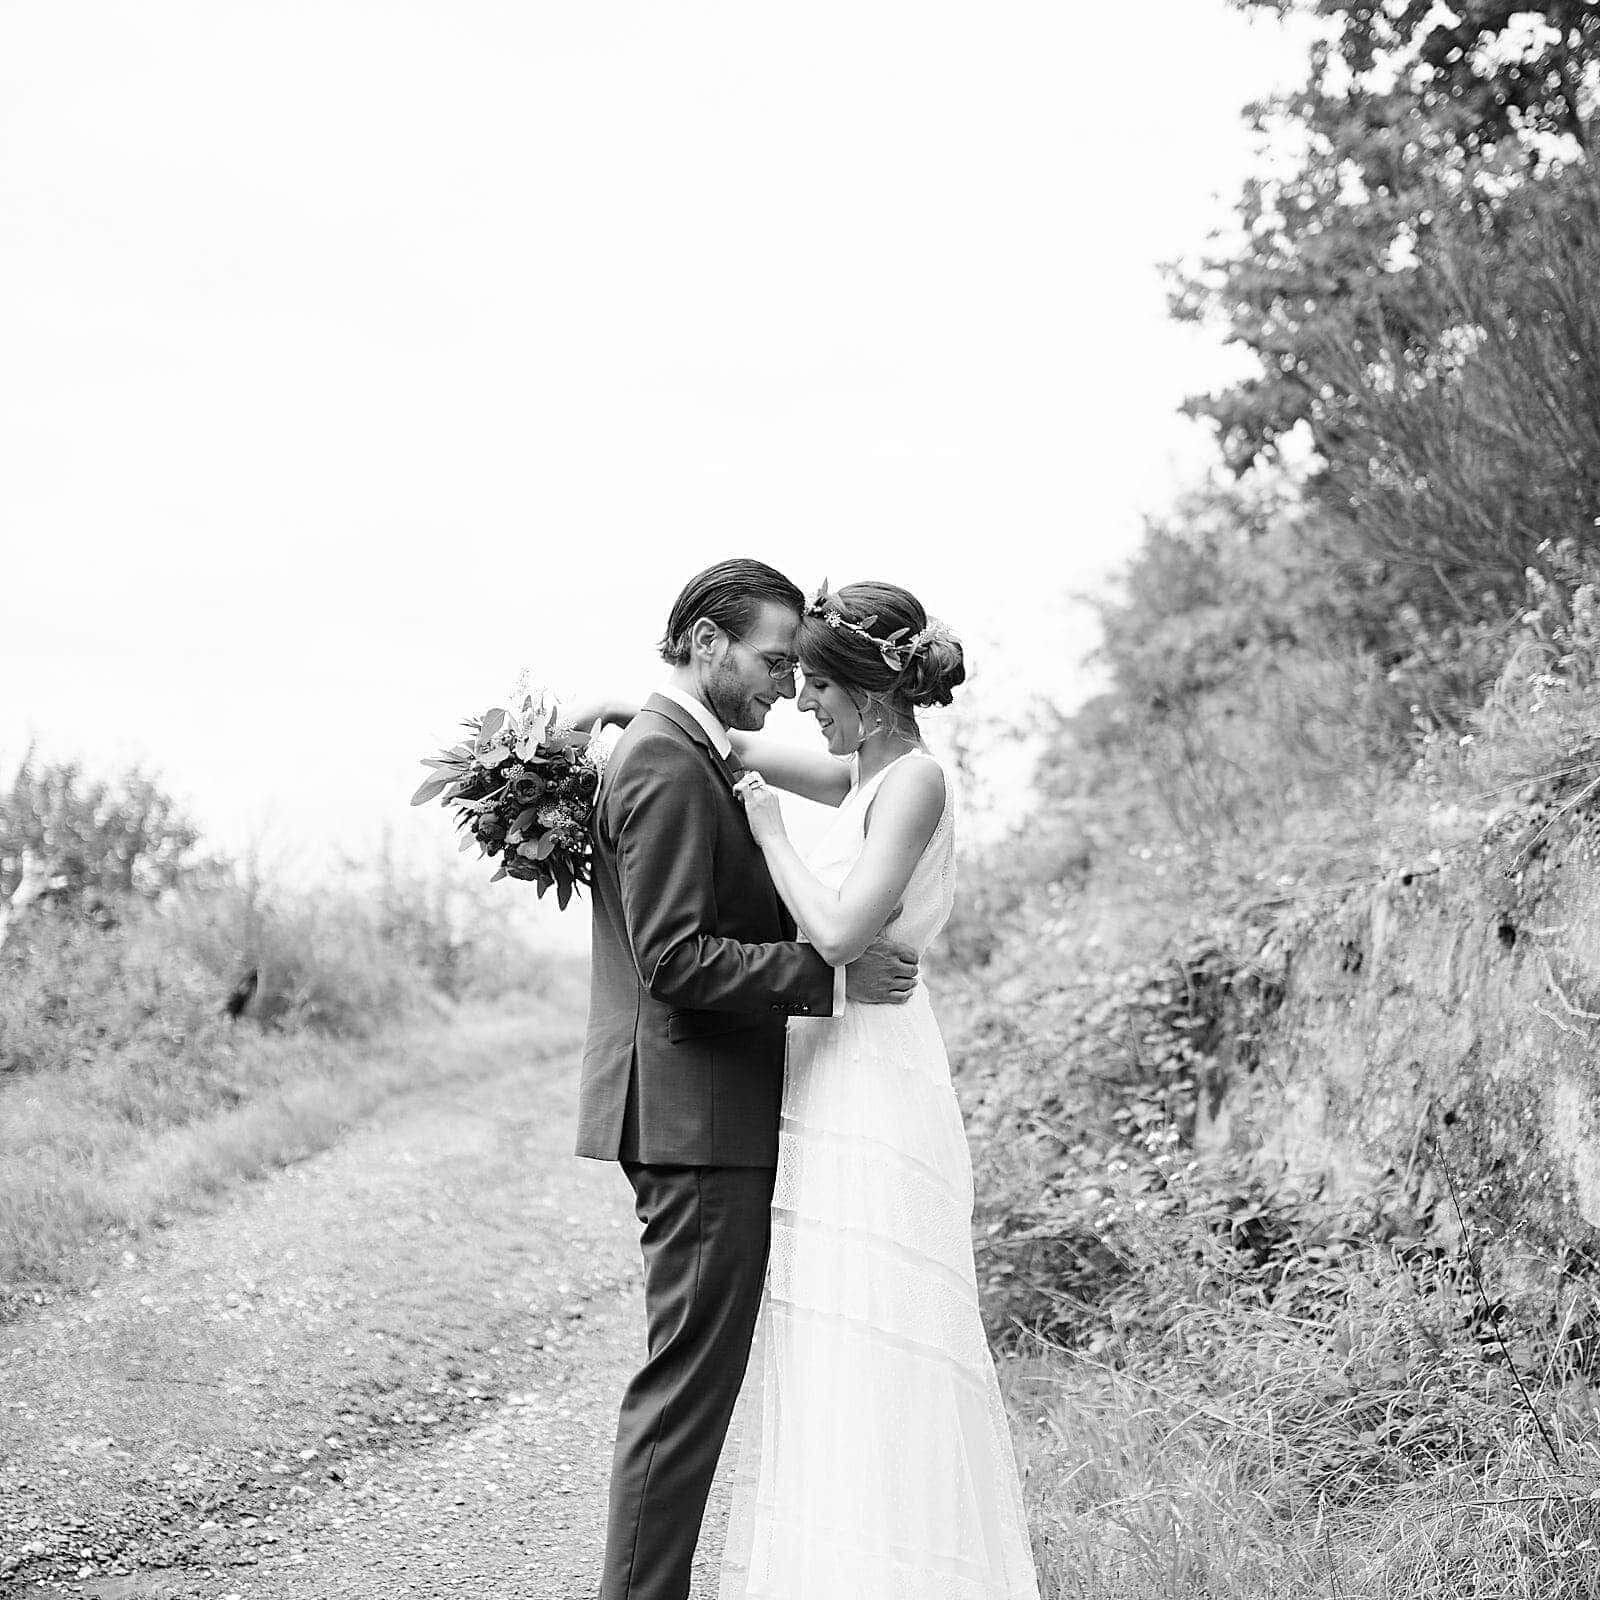 Schwarz Weiß Fotoshooting mit Brautpaar im Weinberg